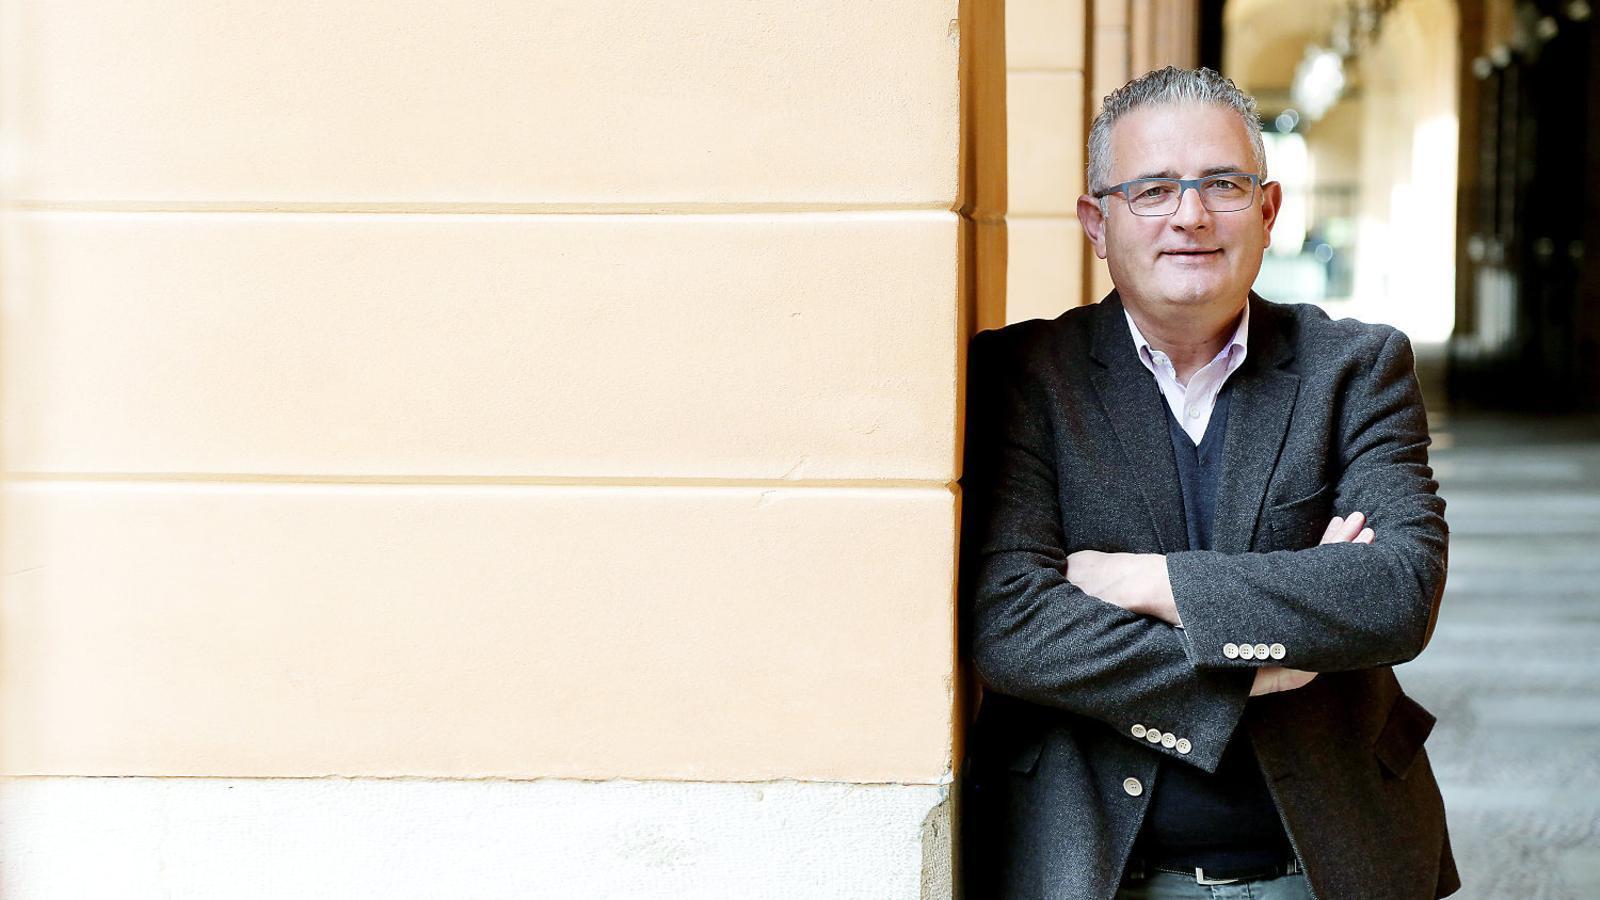 """Jaume Font: """"No volem una baixada de calçons, sinó igualtat per als ciutadans de Balears"""""""